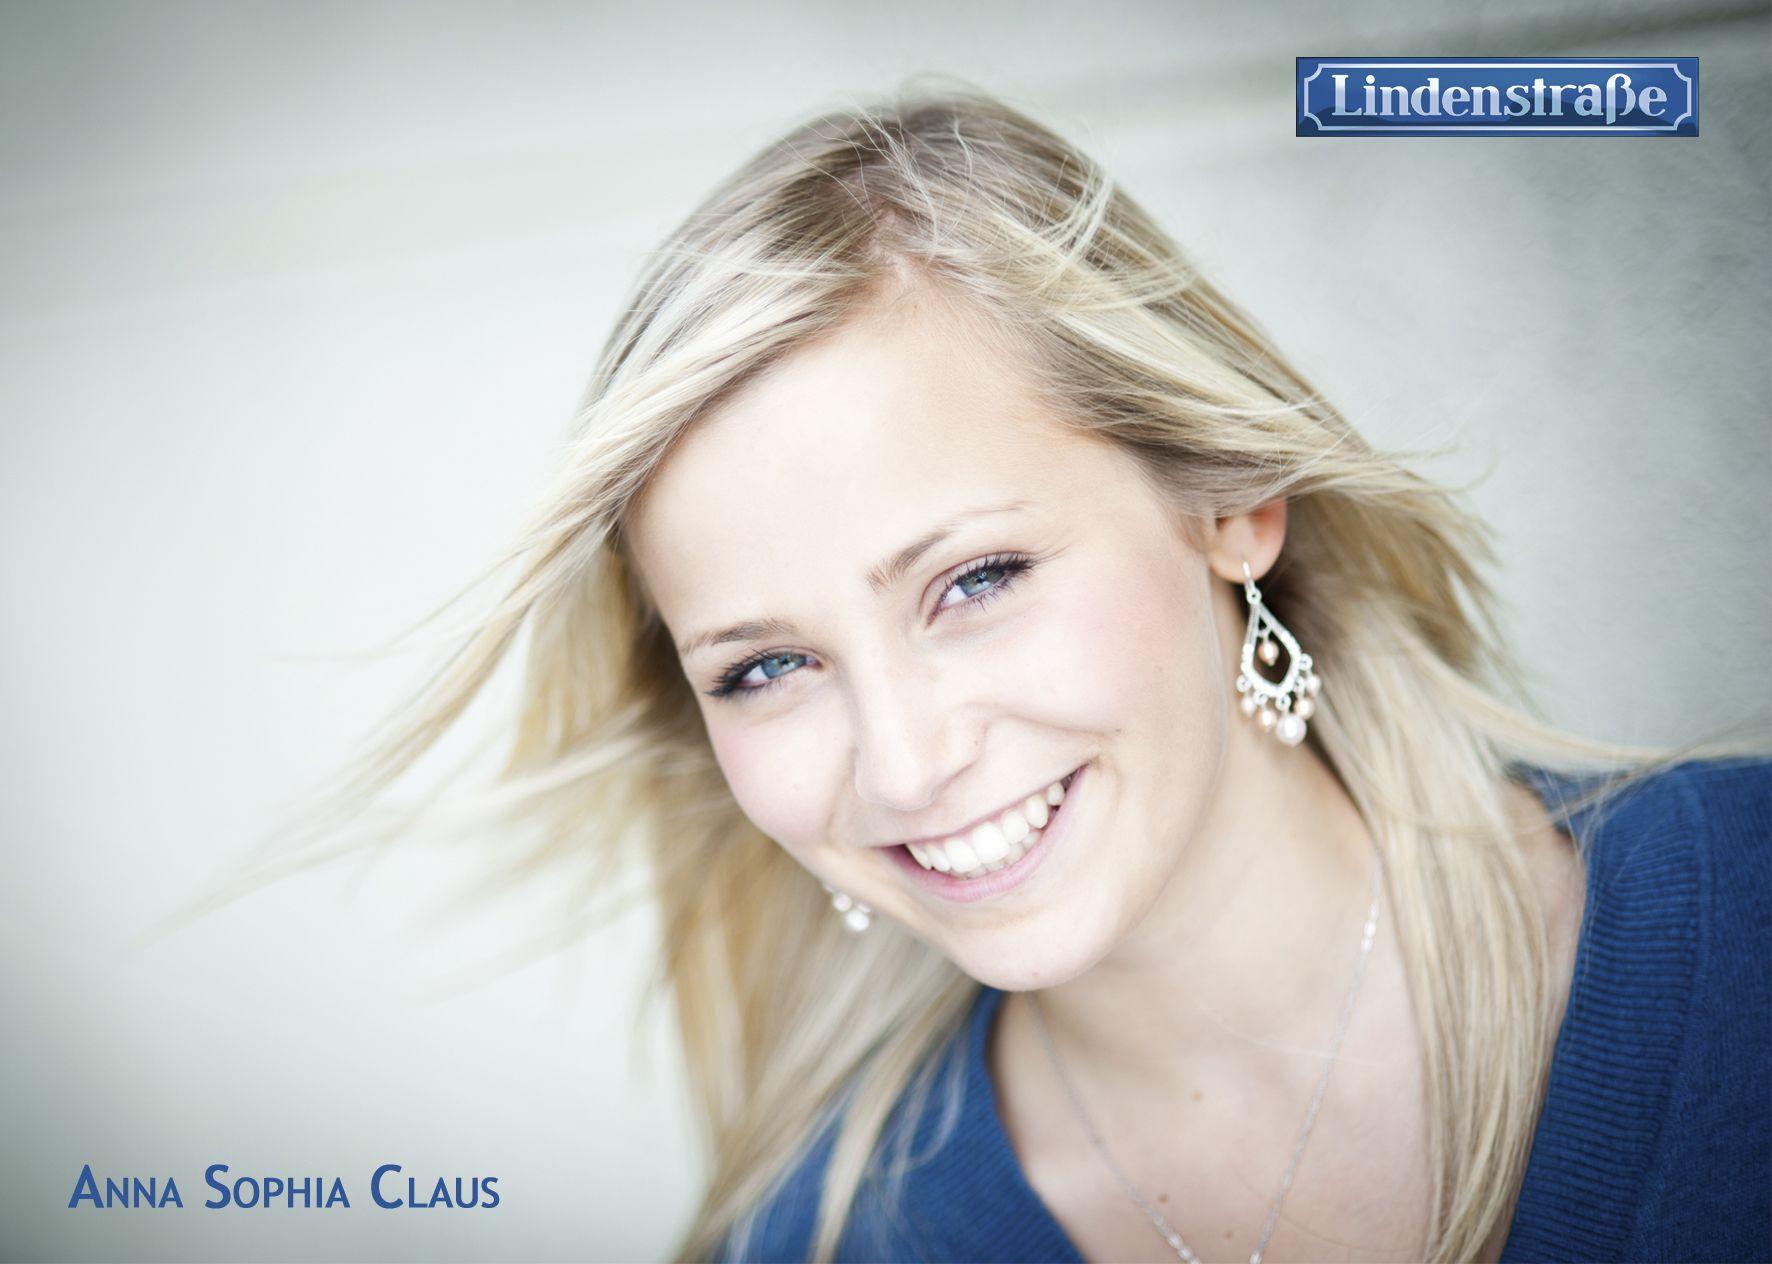 Anna Sophia Claus Als Lea Starck Darsteller Der Lindenstraße